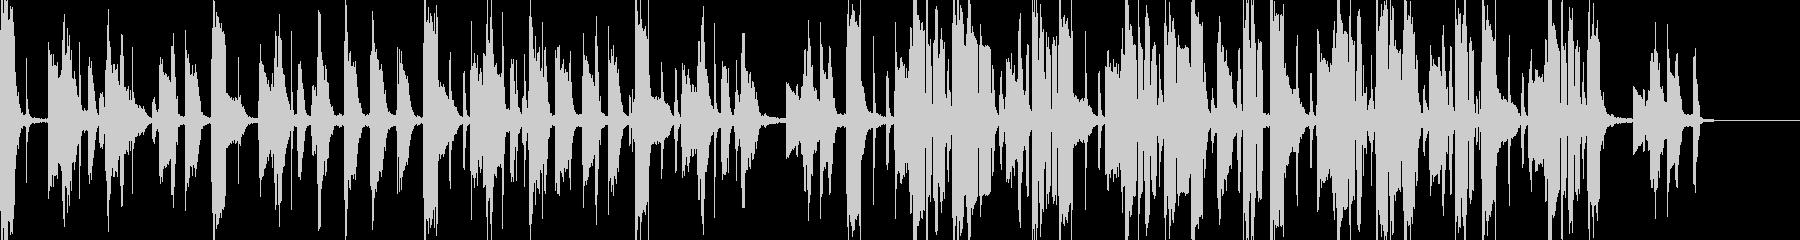 ボーカルなしのオシャレなソウルホップの未再生の波形